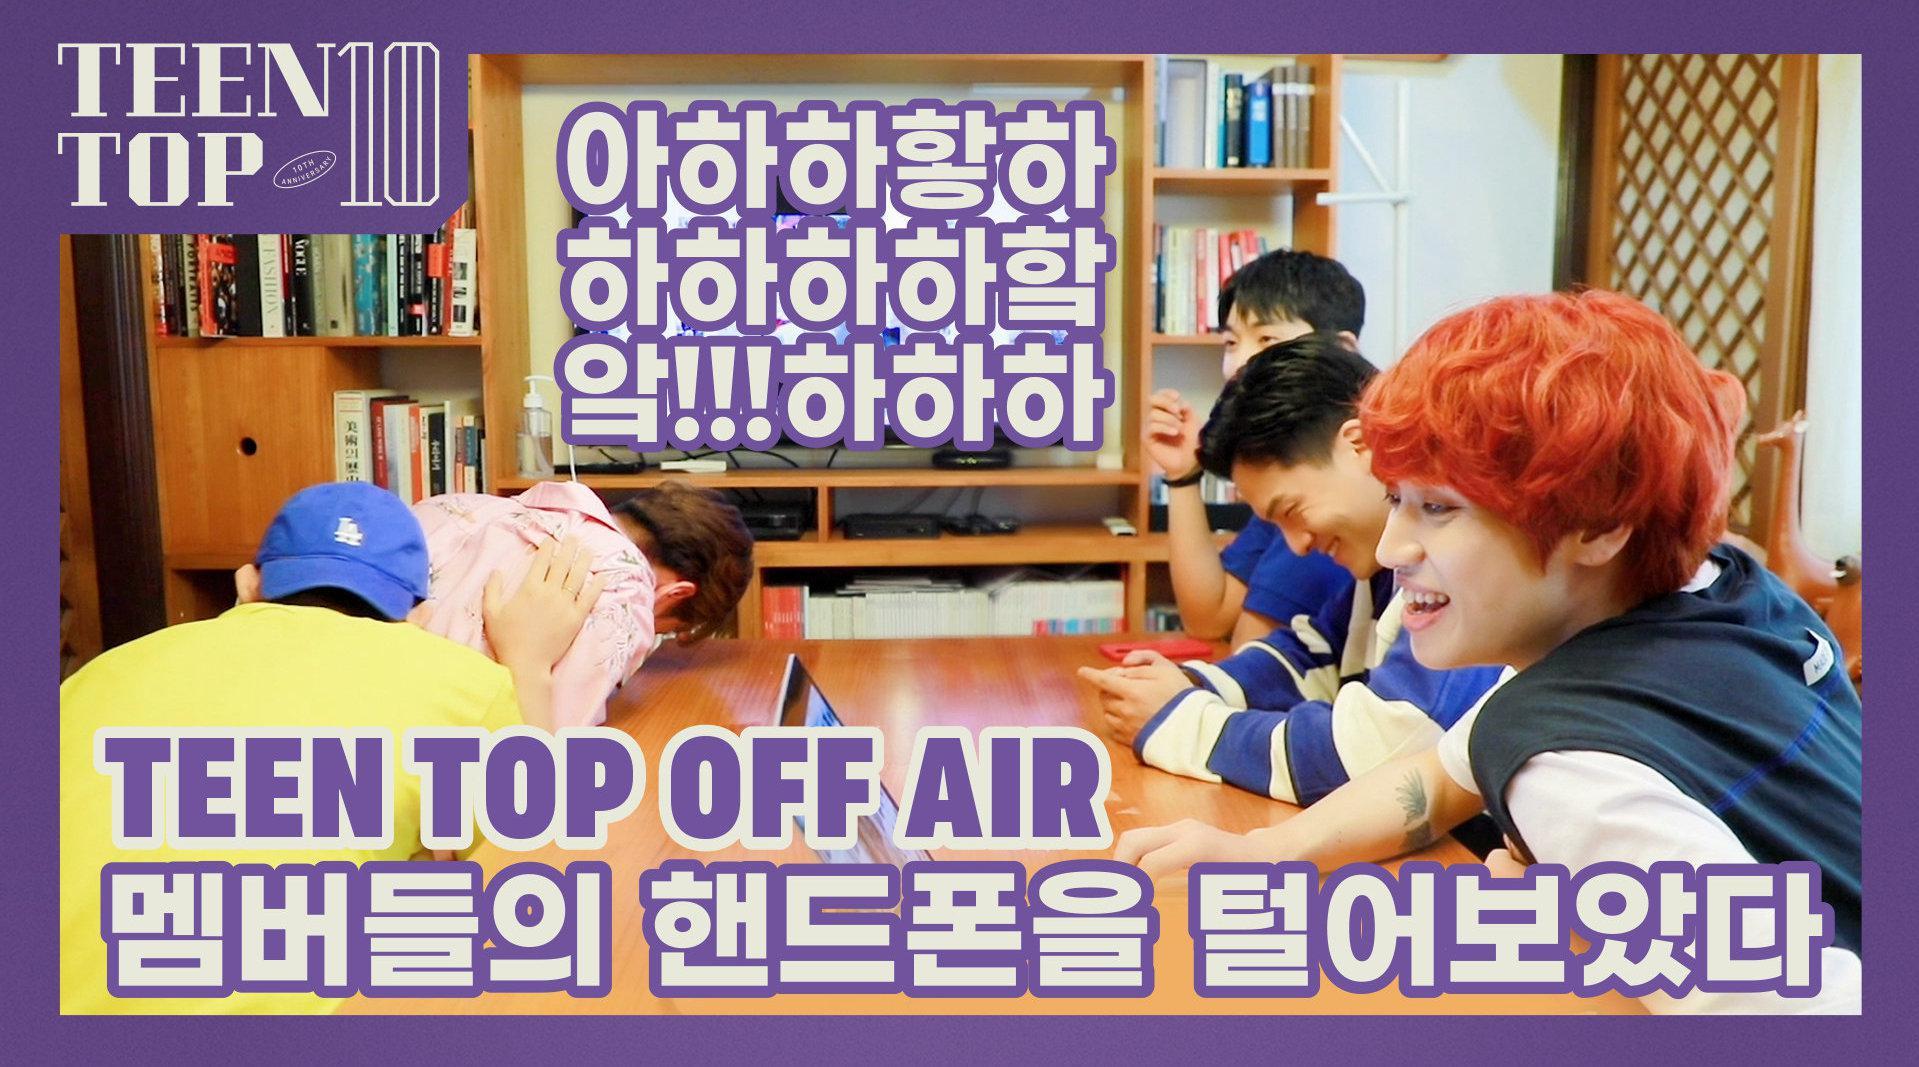 20200703 中字 TEEN TOP ON AIR - TEEN TOP OFF AIR(翻看成员们手机里的照片)